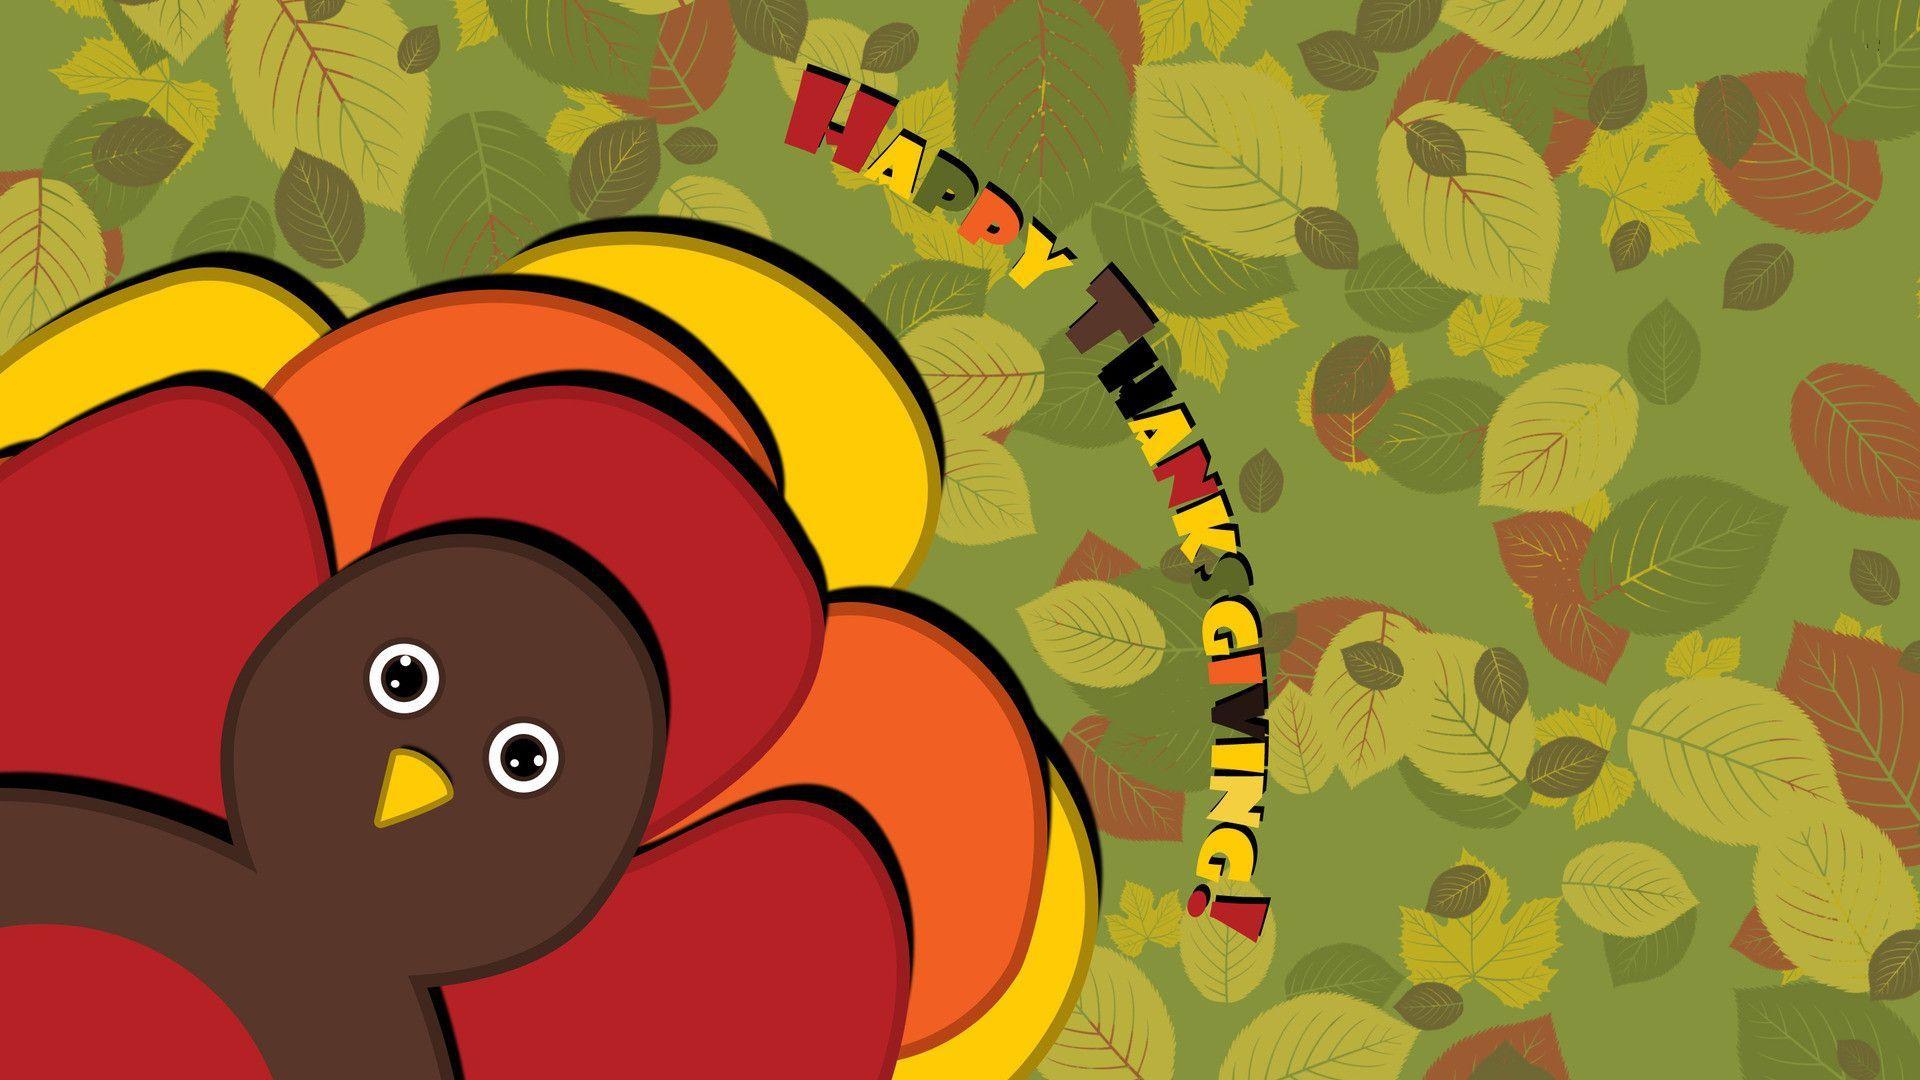 Cute Thanksgiving Wallpaper Phone Backgrounds - HD Wallpaper